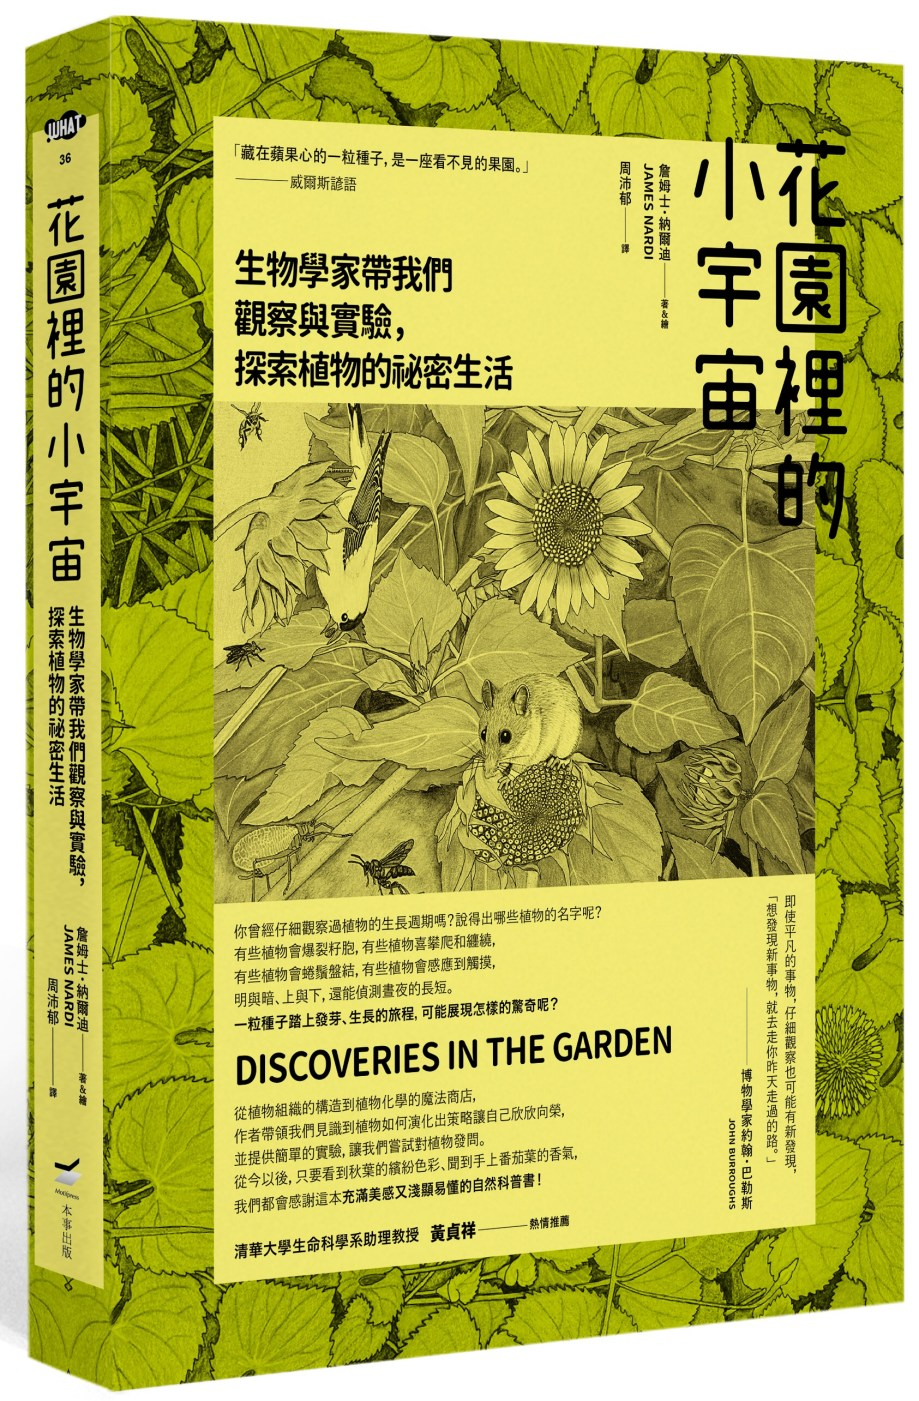 花園裡的小宇宙:生物學家帶我們觀察與實驗,探索植物的祕密生活